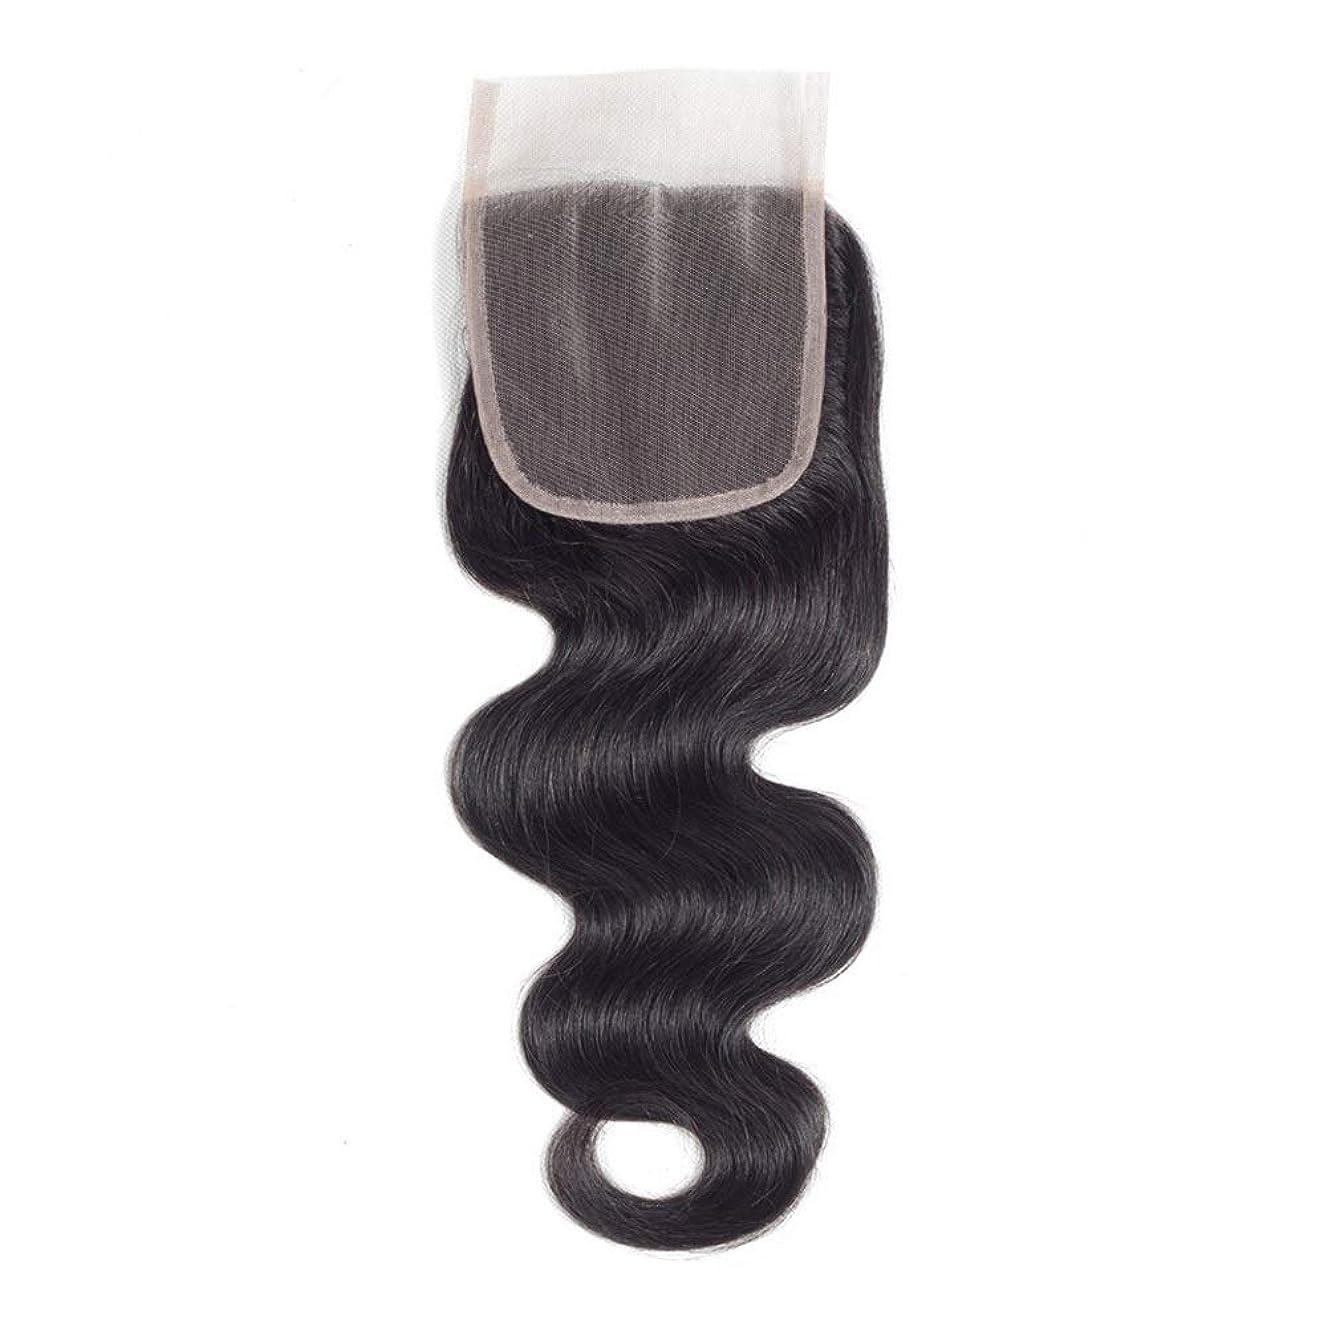 以降克服するスポーツをするHOHYLLYA ブラジル実体波巻き毛4 x 4インチレース閉鎖無料部分100%本物の人間の髪の毛の自然な色(8インチ-20インチ)長い巻き毛のかつら、 (色 : 黒, サイズ : 16 inch)